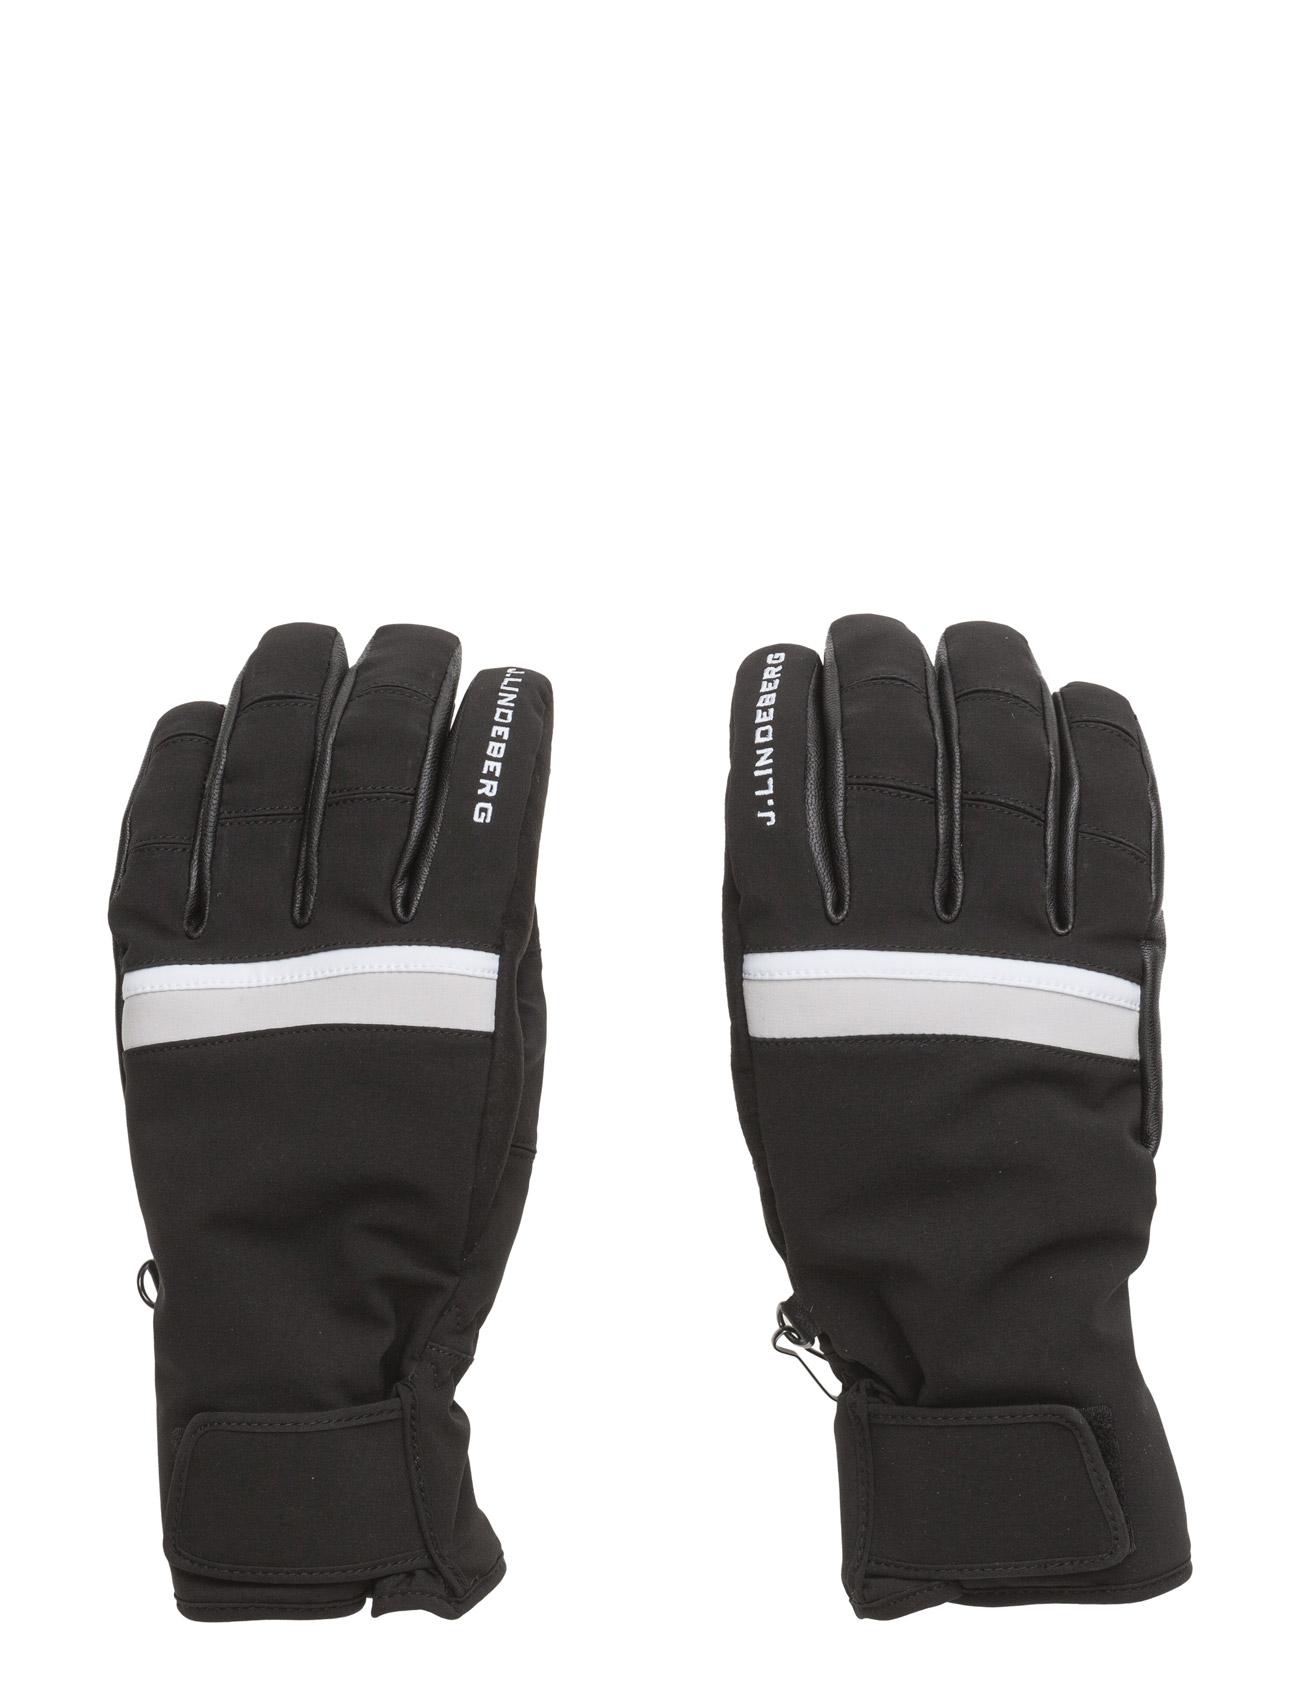 Truuli Glove Jl 2-Ply J. Lindeberg Ski Sports accessories til Herrer i Sort